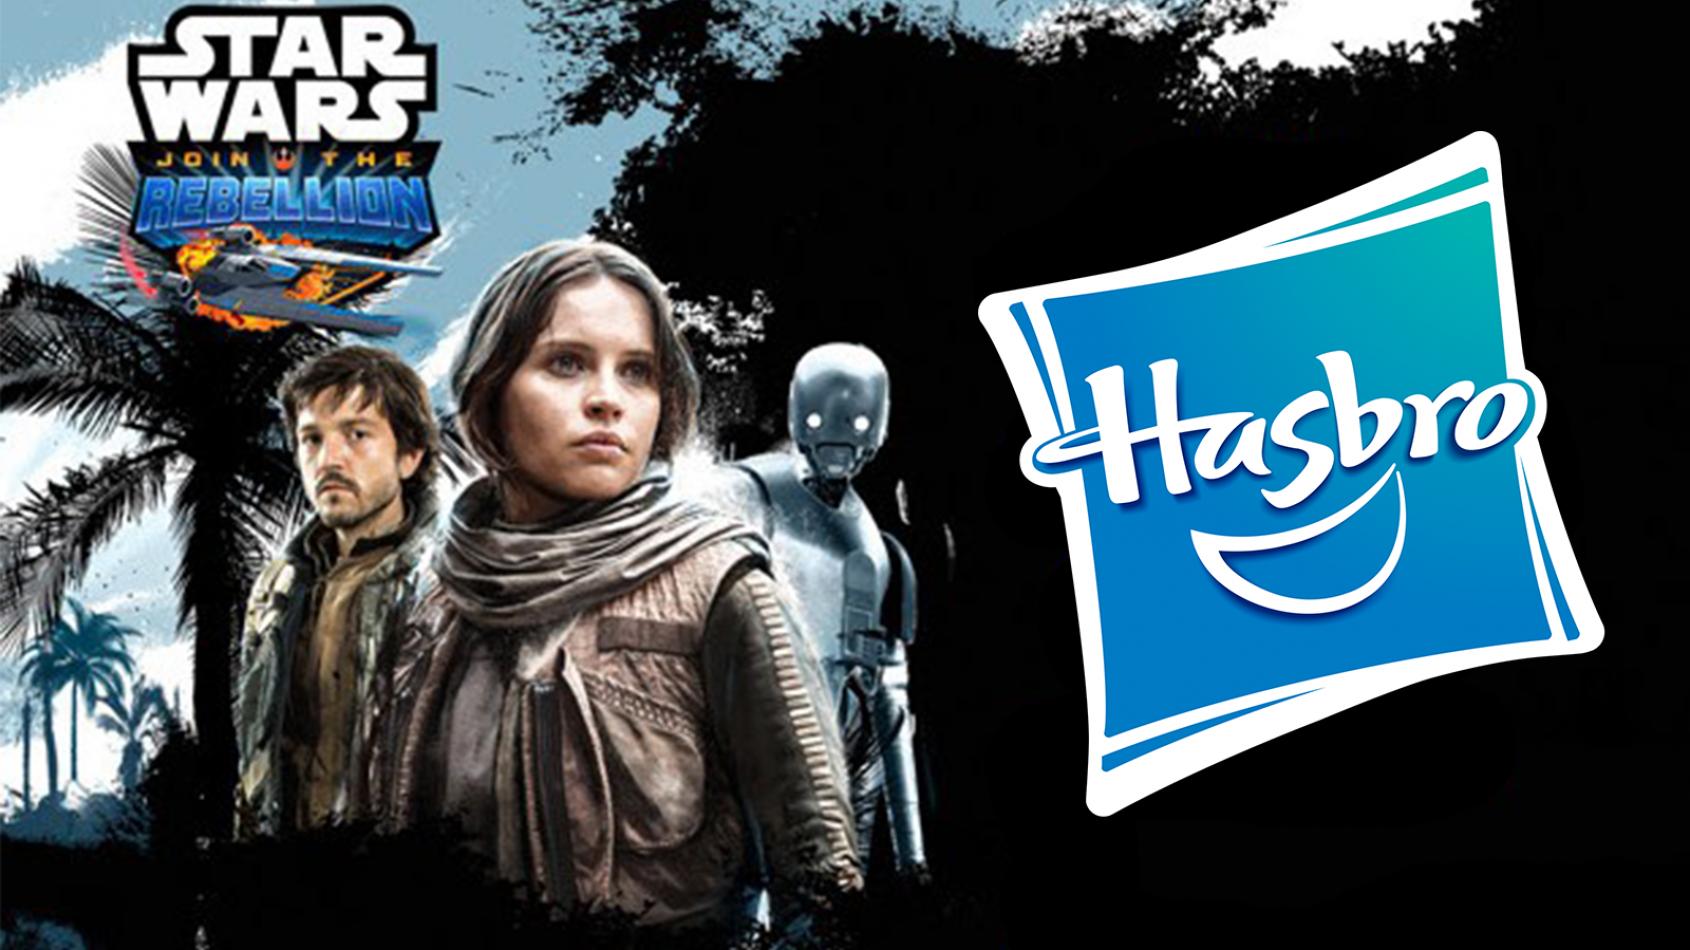 Code de réduction Hasbro pour les jouets et jeux Star Wars !